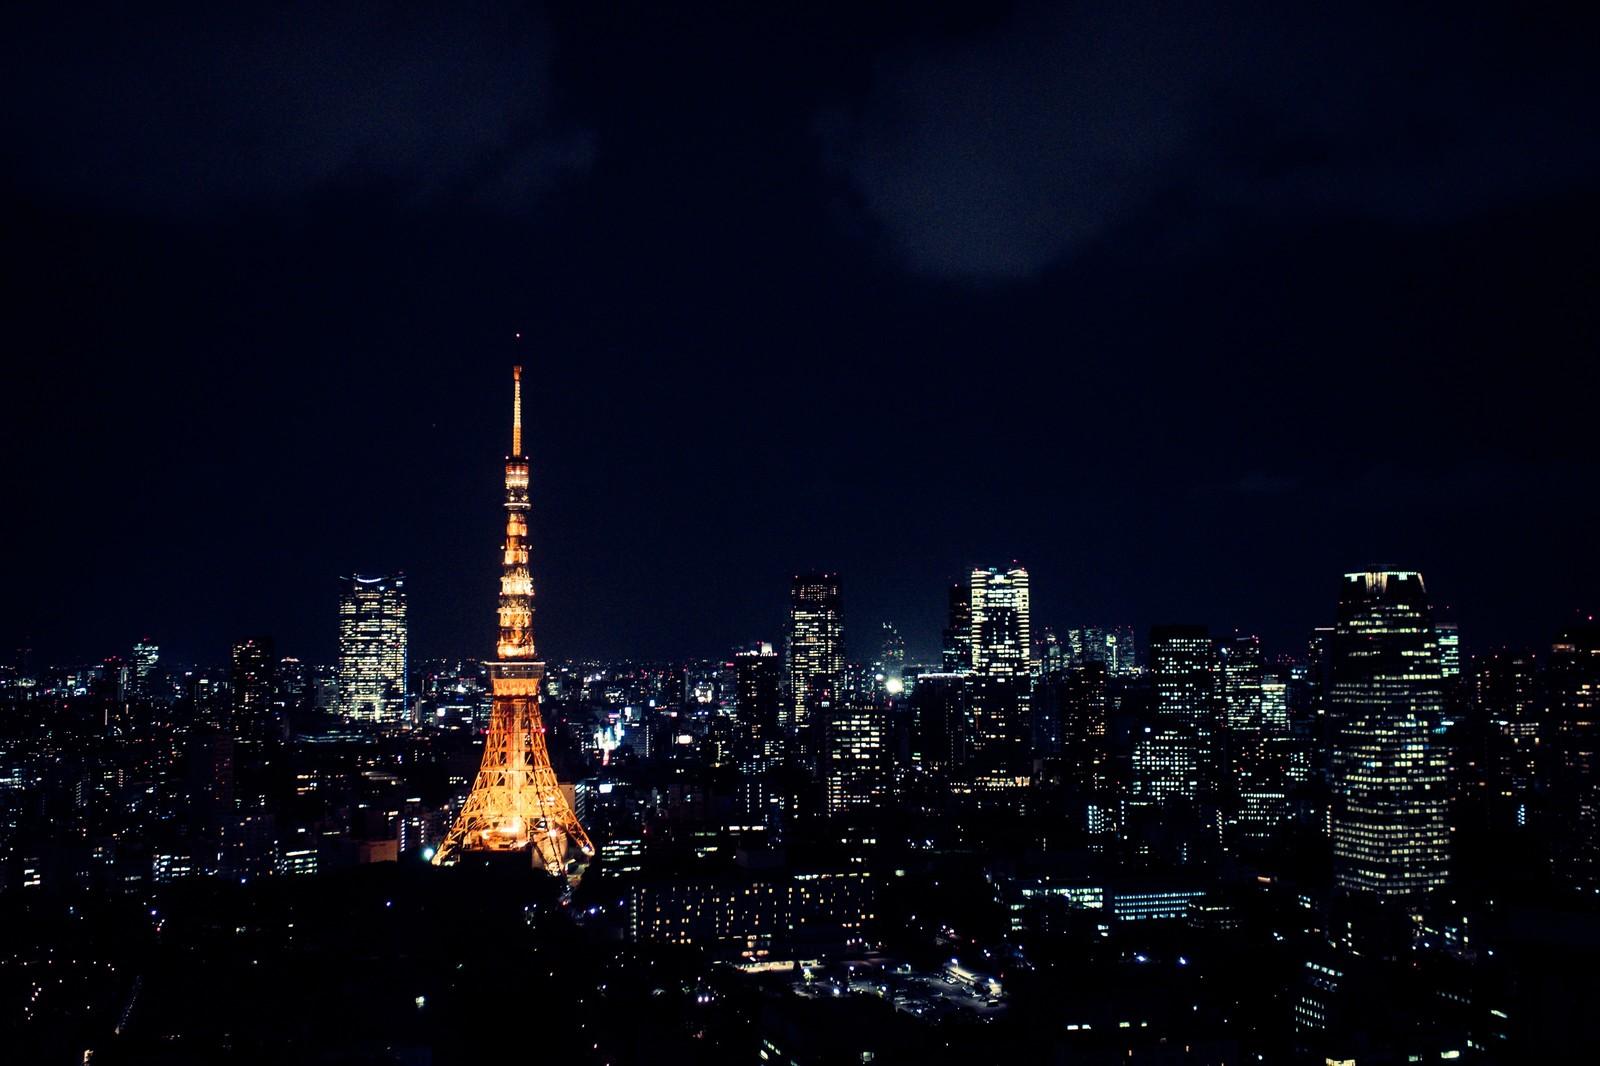 23歳まで神戸で生まれ育った僕が流暢な関東弁を習得するためにやったこと